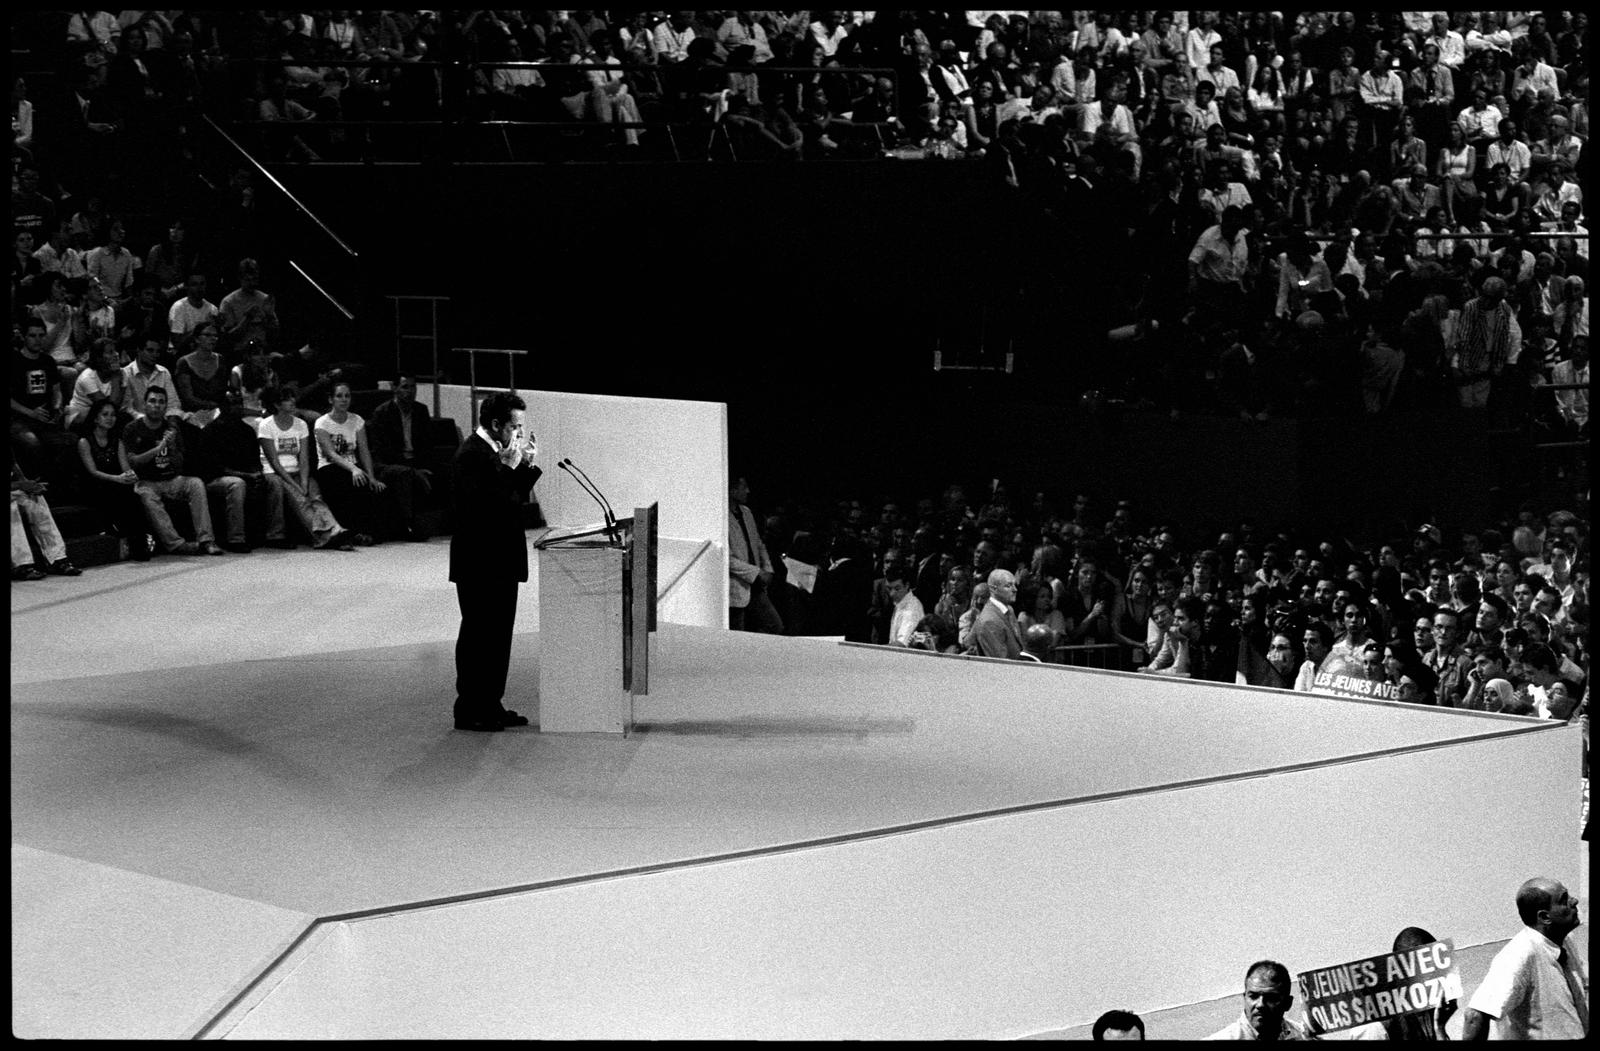 Discours de Nicolas Sarkozy au Palais Omnisports de Paris Bercy le 29 avril devant près de 15000 personnes.